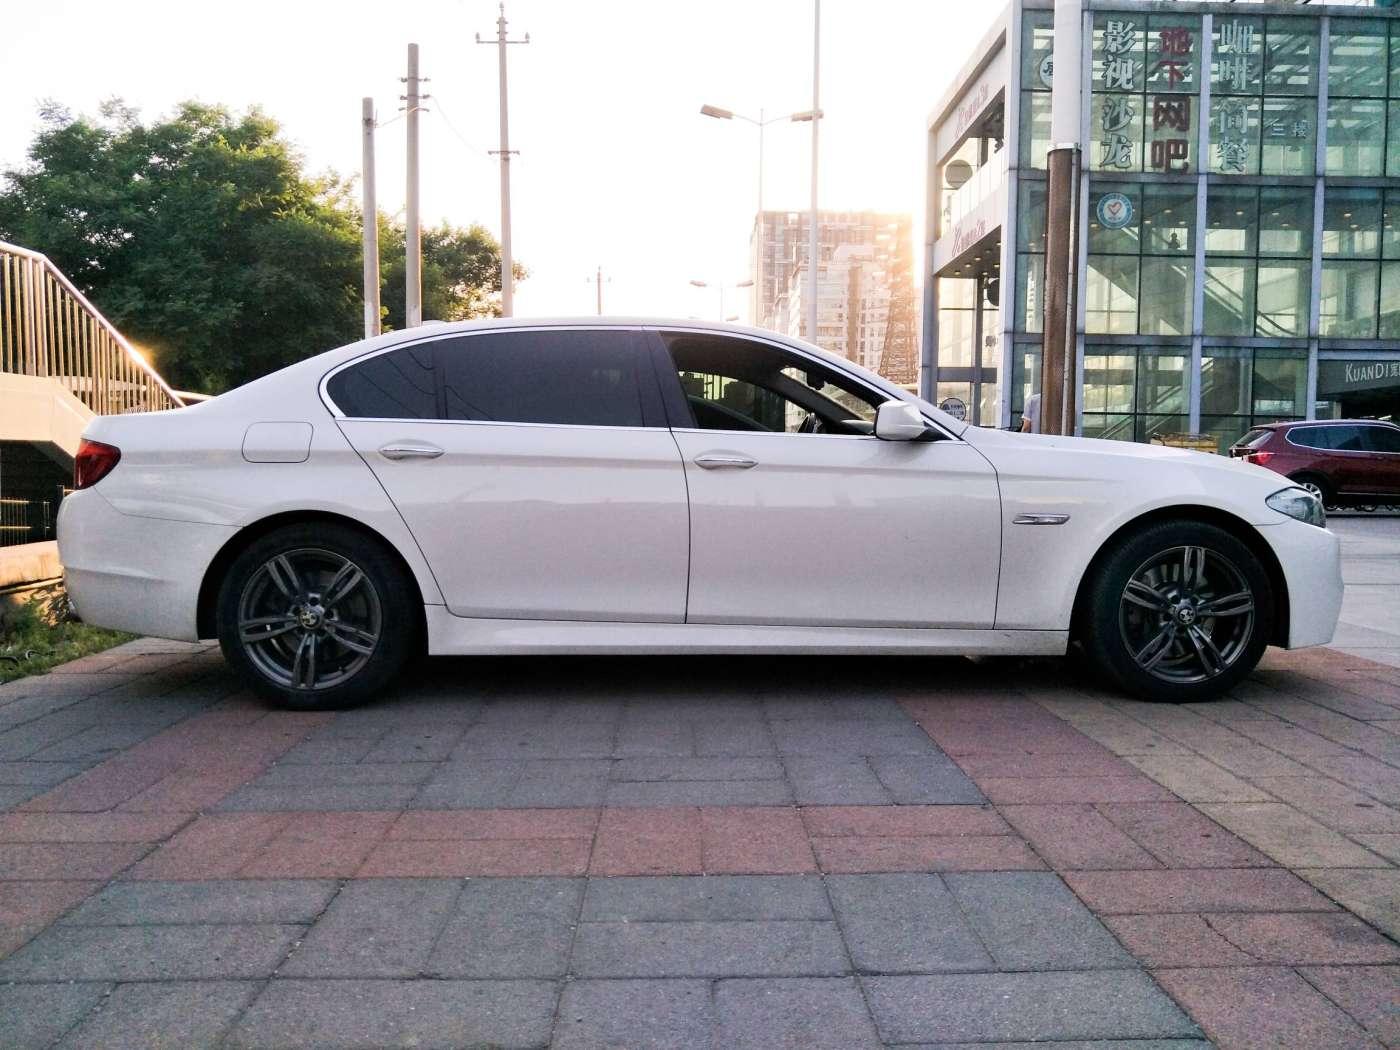 2012年12月 宝马5系 2013款 535Li 领先型 |甄选宝马-北京卡斯基汽车服务有限公司